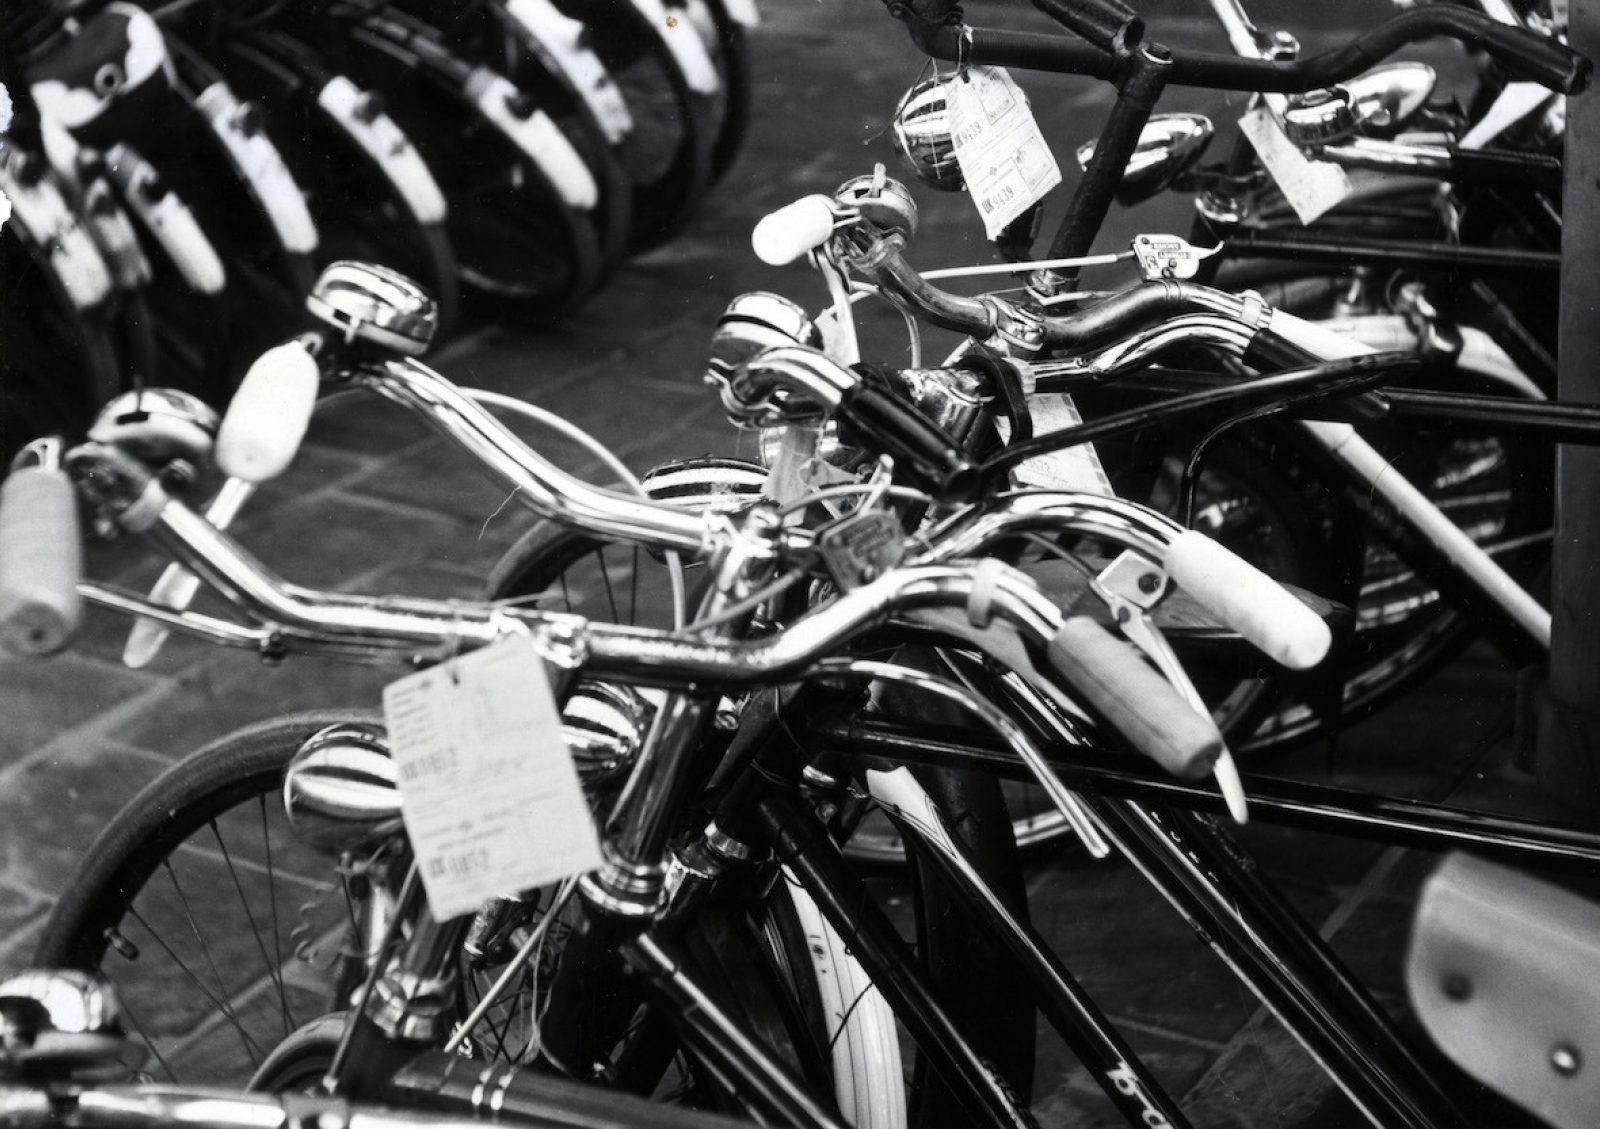 1962 fietsen op cs adam NS 17021 UA X99665 171206